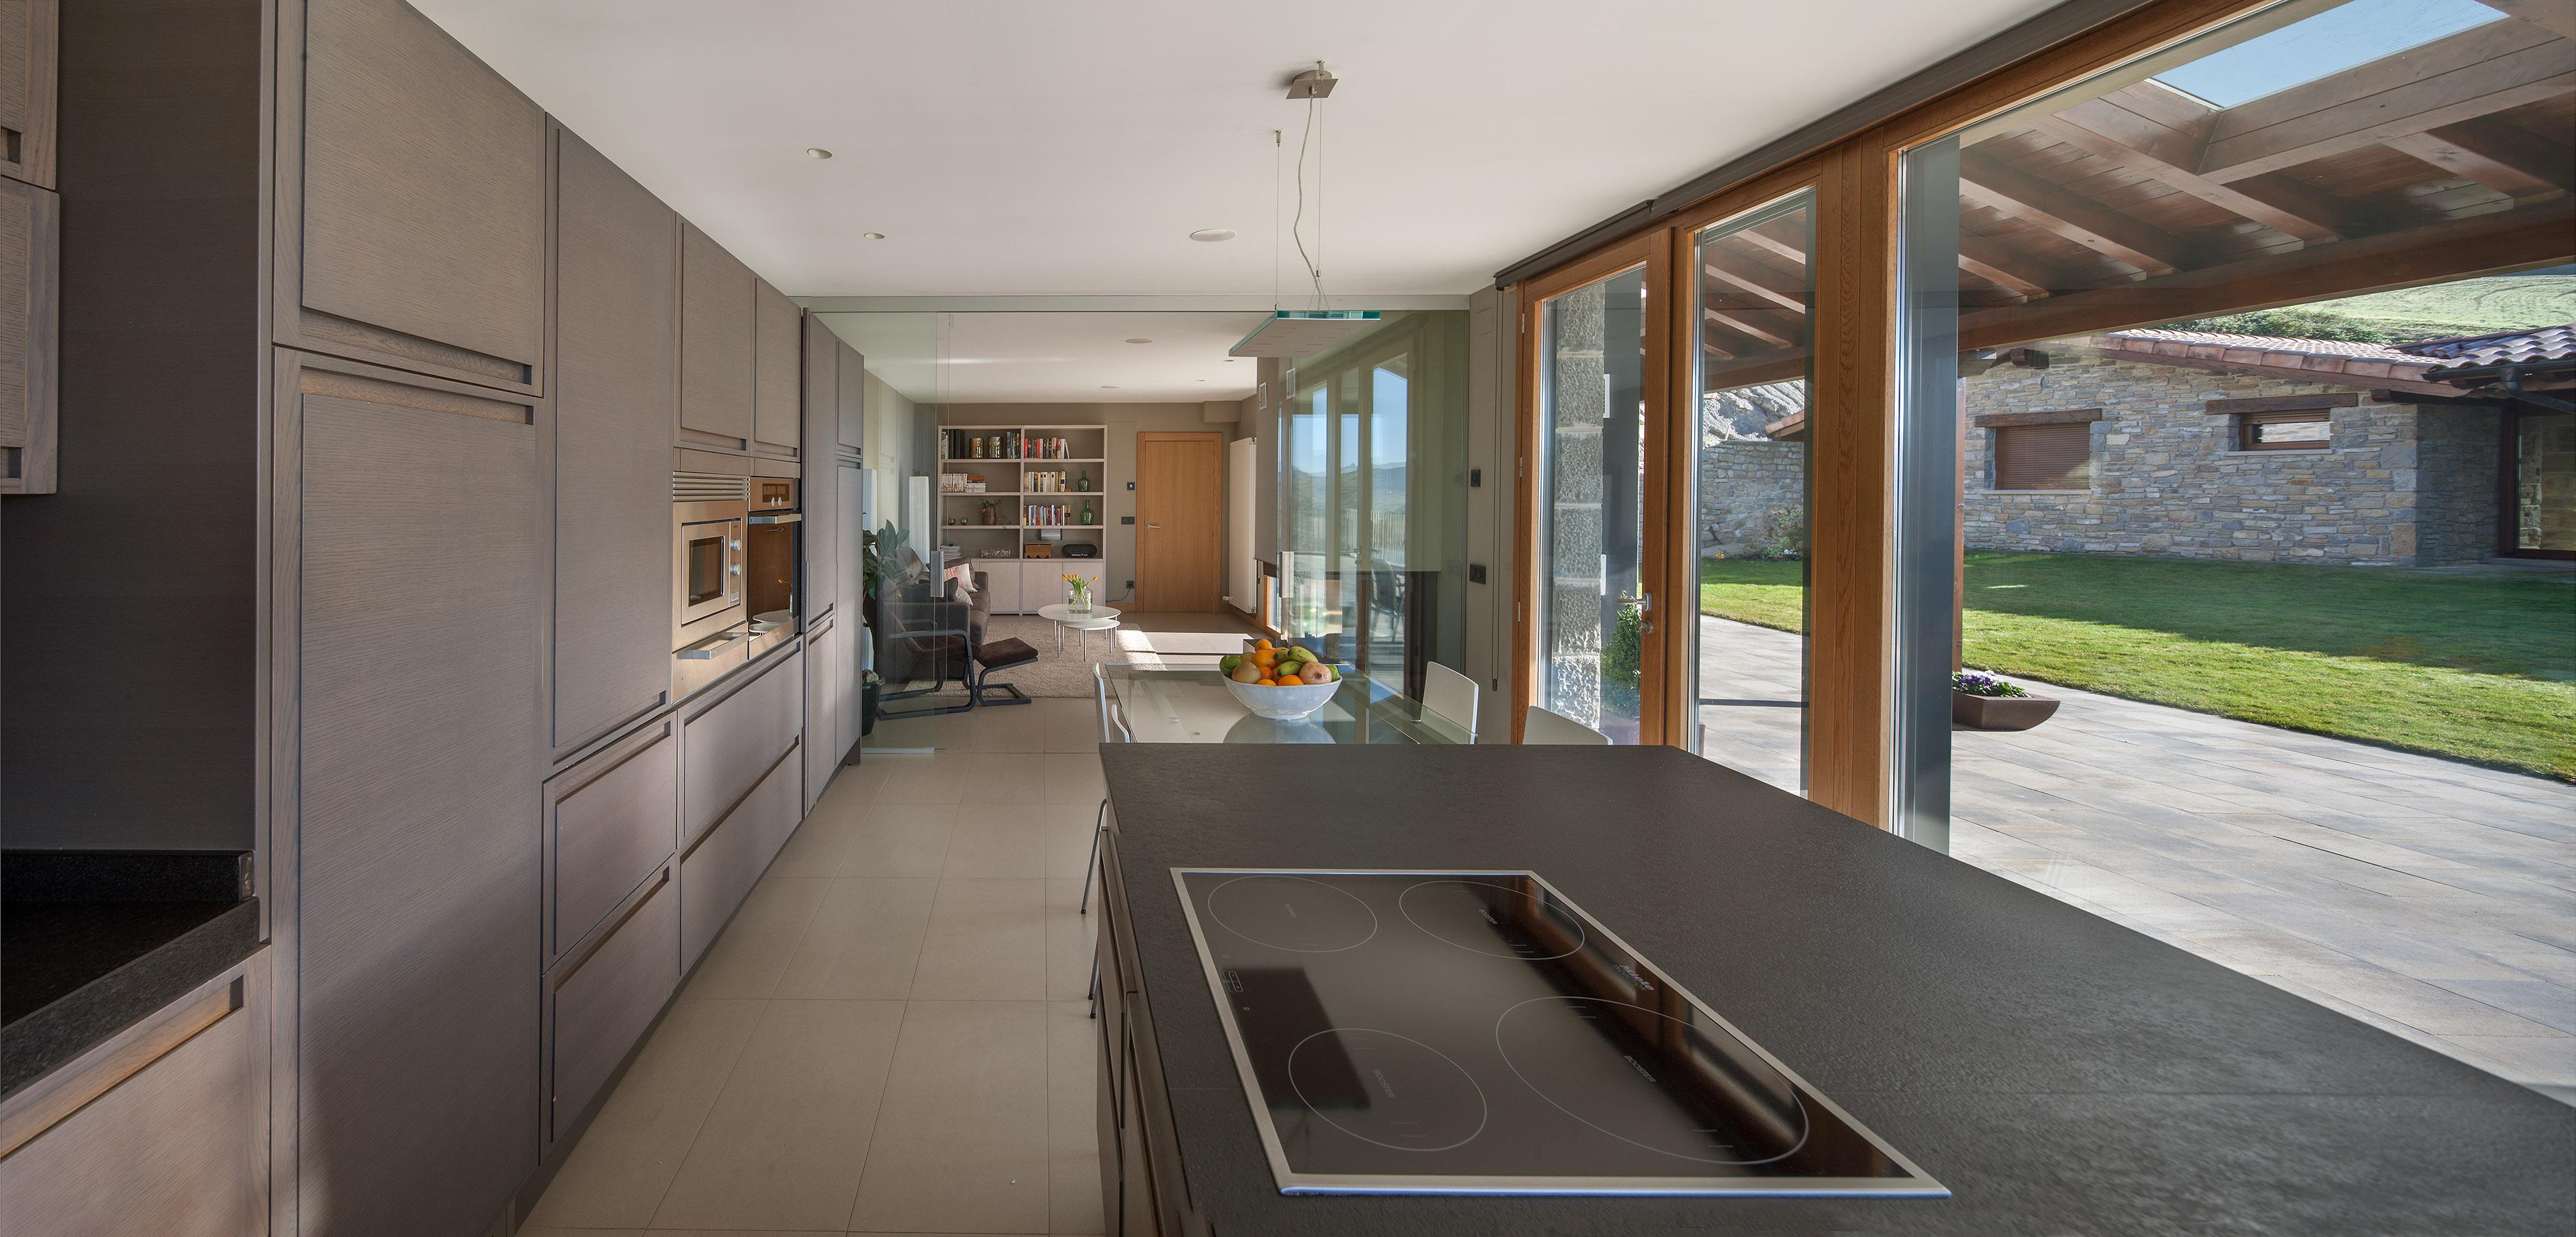 Decoración y diseño de interiores en casas modulares Navarra